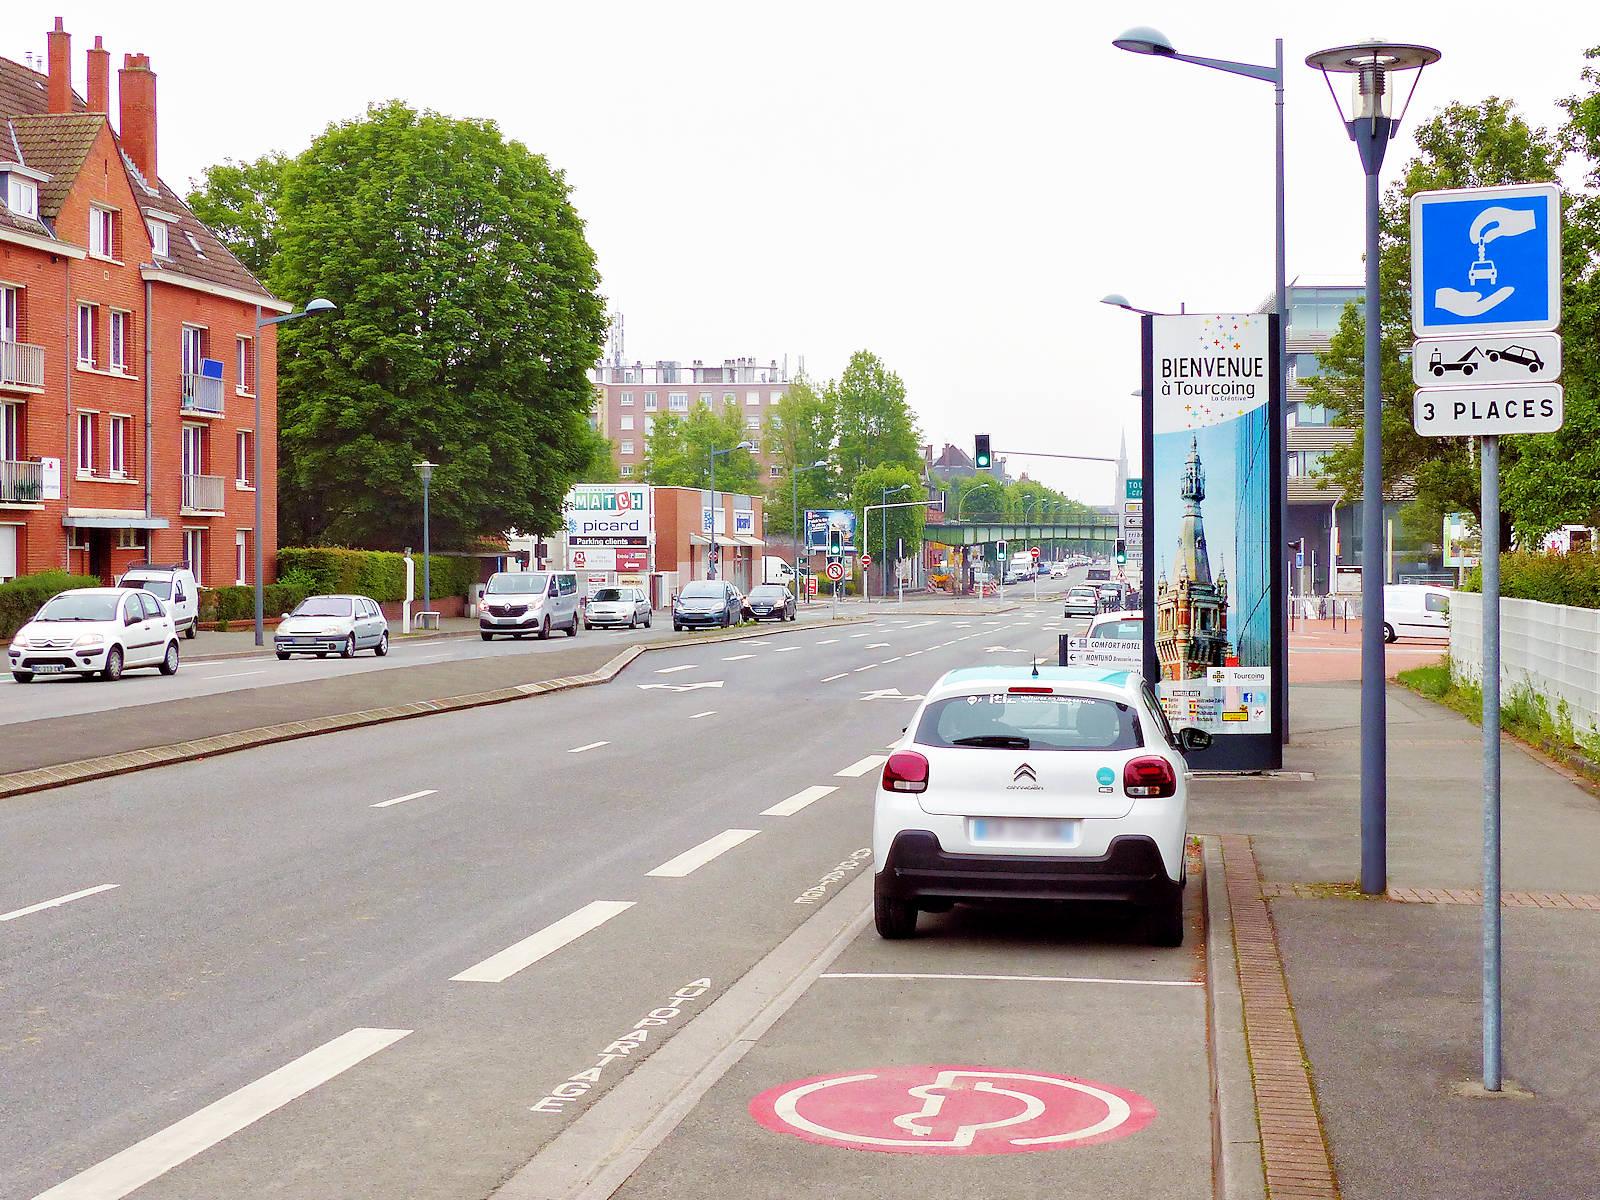 Autopartage Citiz Tourcoing - Station Union Mercure